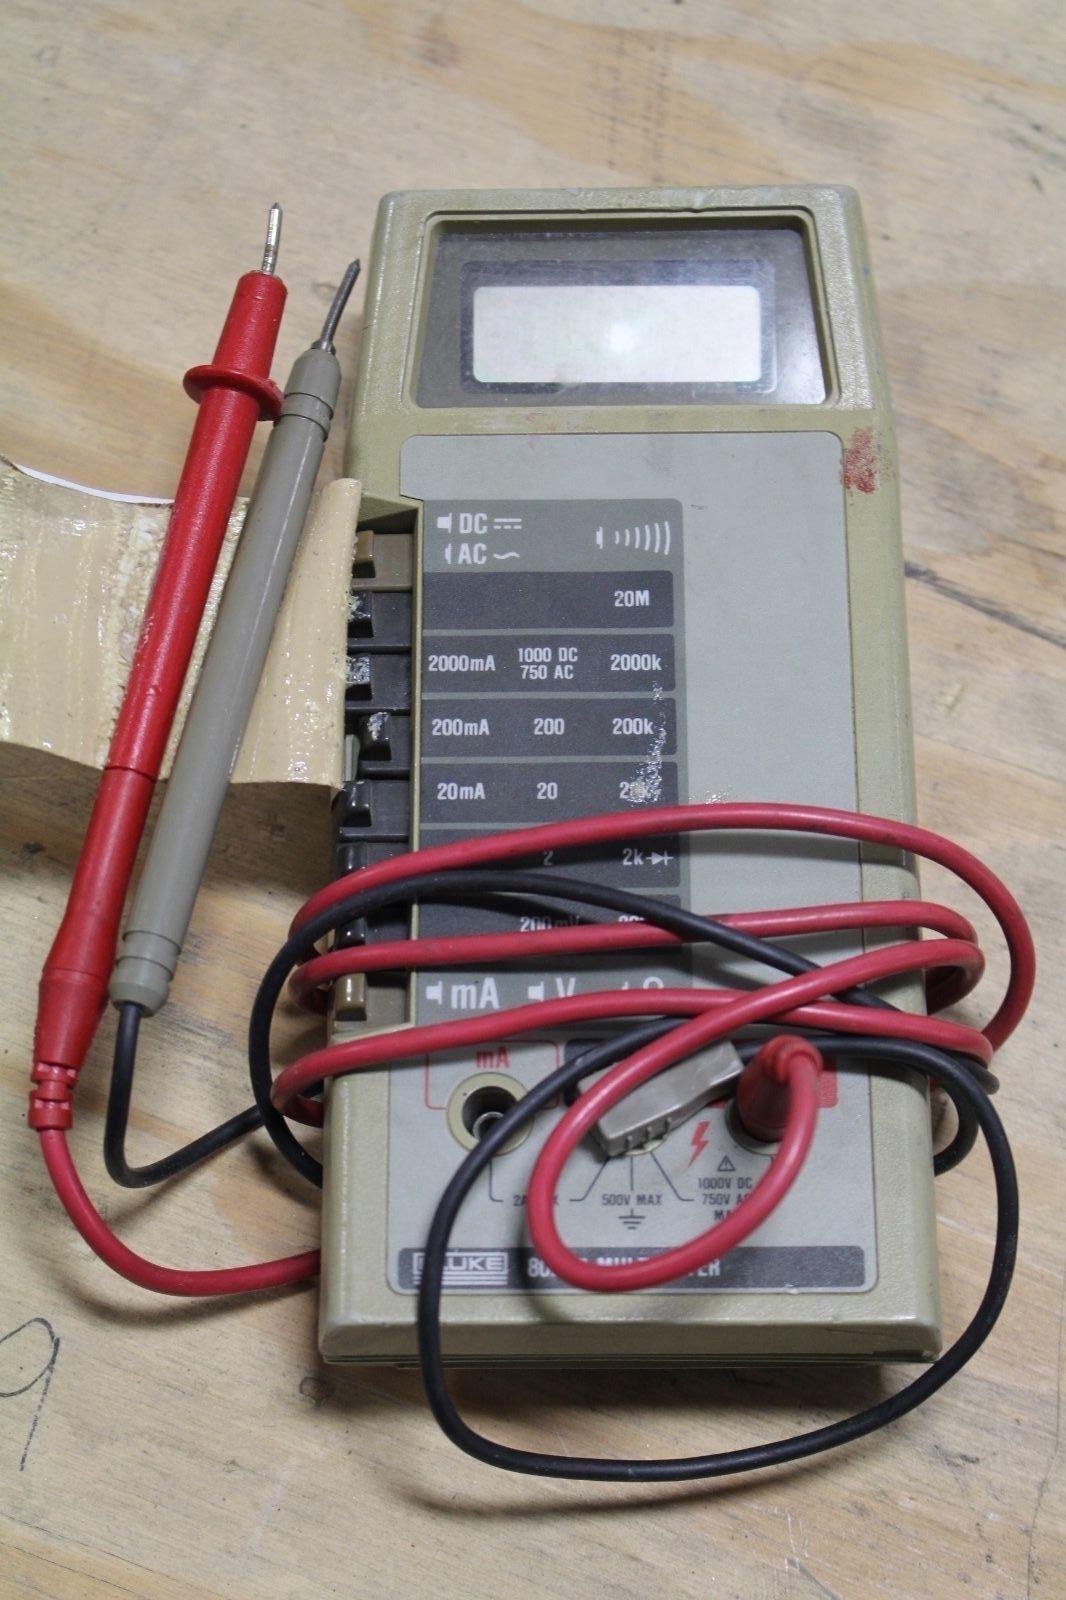 fluke model 8021b digital multimeter 8021 b ebay rh ebay com Fluke Instruction Manual Fluke 115 Manual PDF